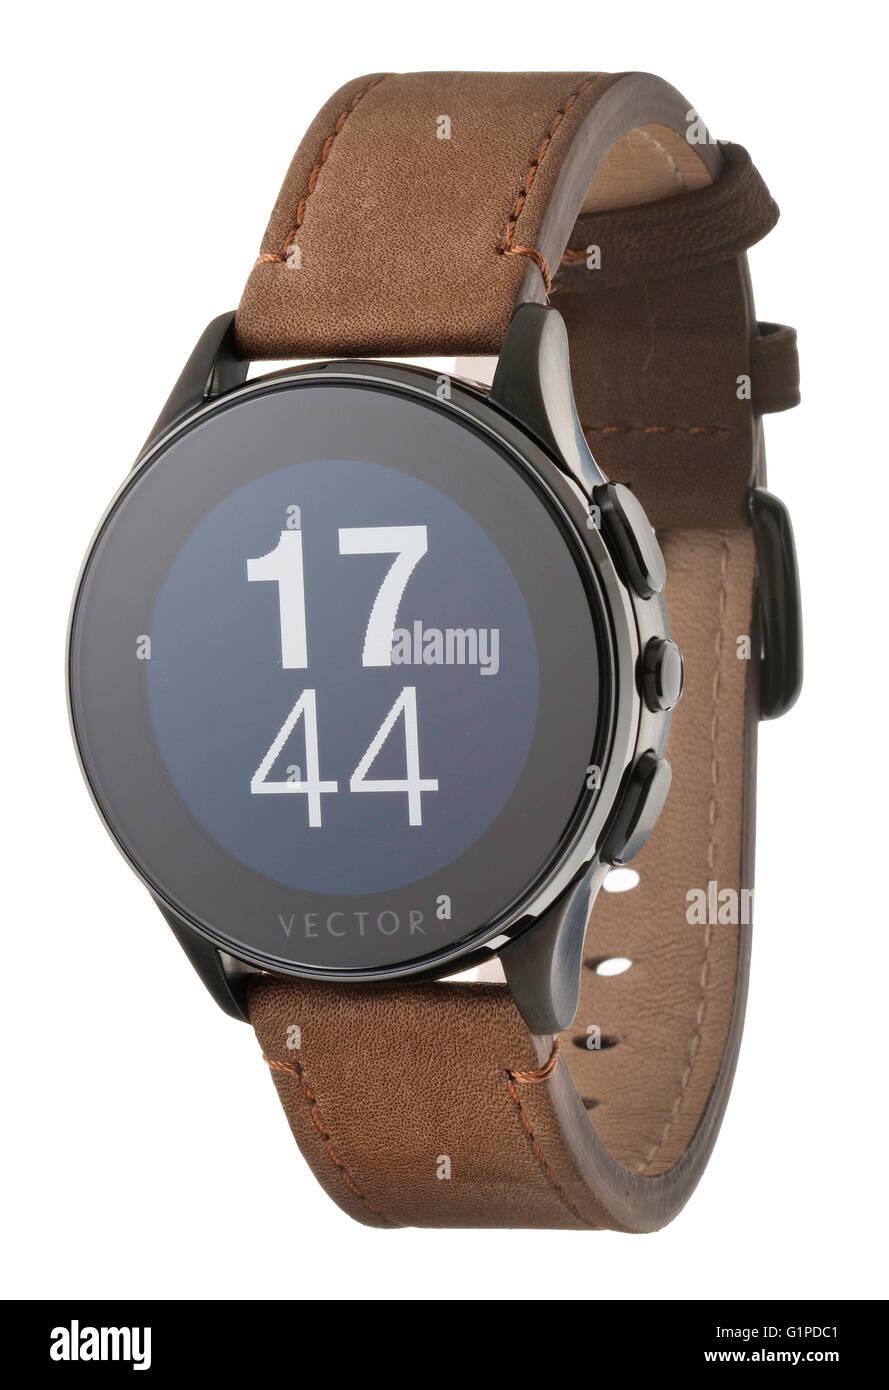 Vector Luna Smart Watch Imagen De Stock